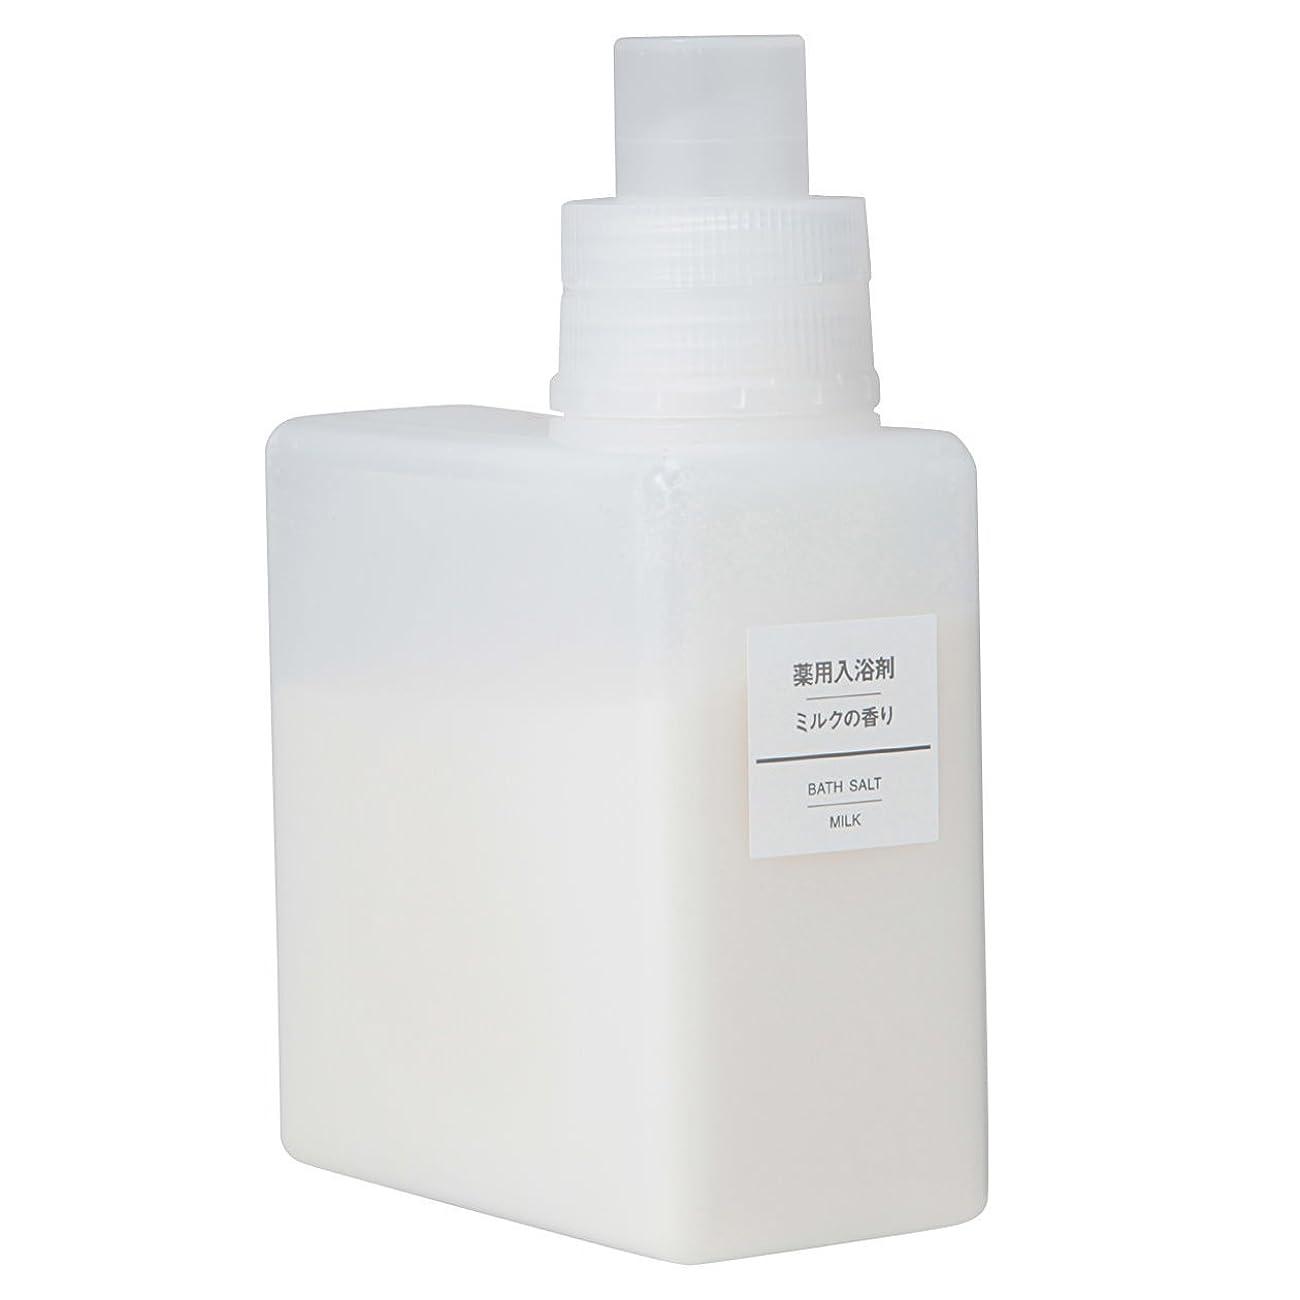 才能のあるこだわり息苦しい無印良品 薬用入浴剤?ミルクの香り (新)500g 日本製